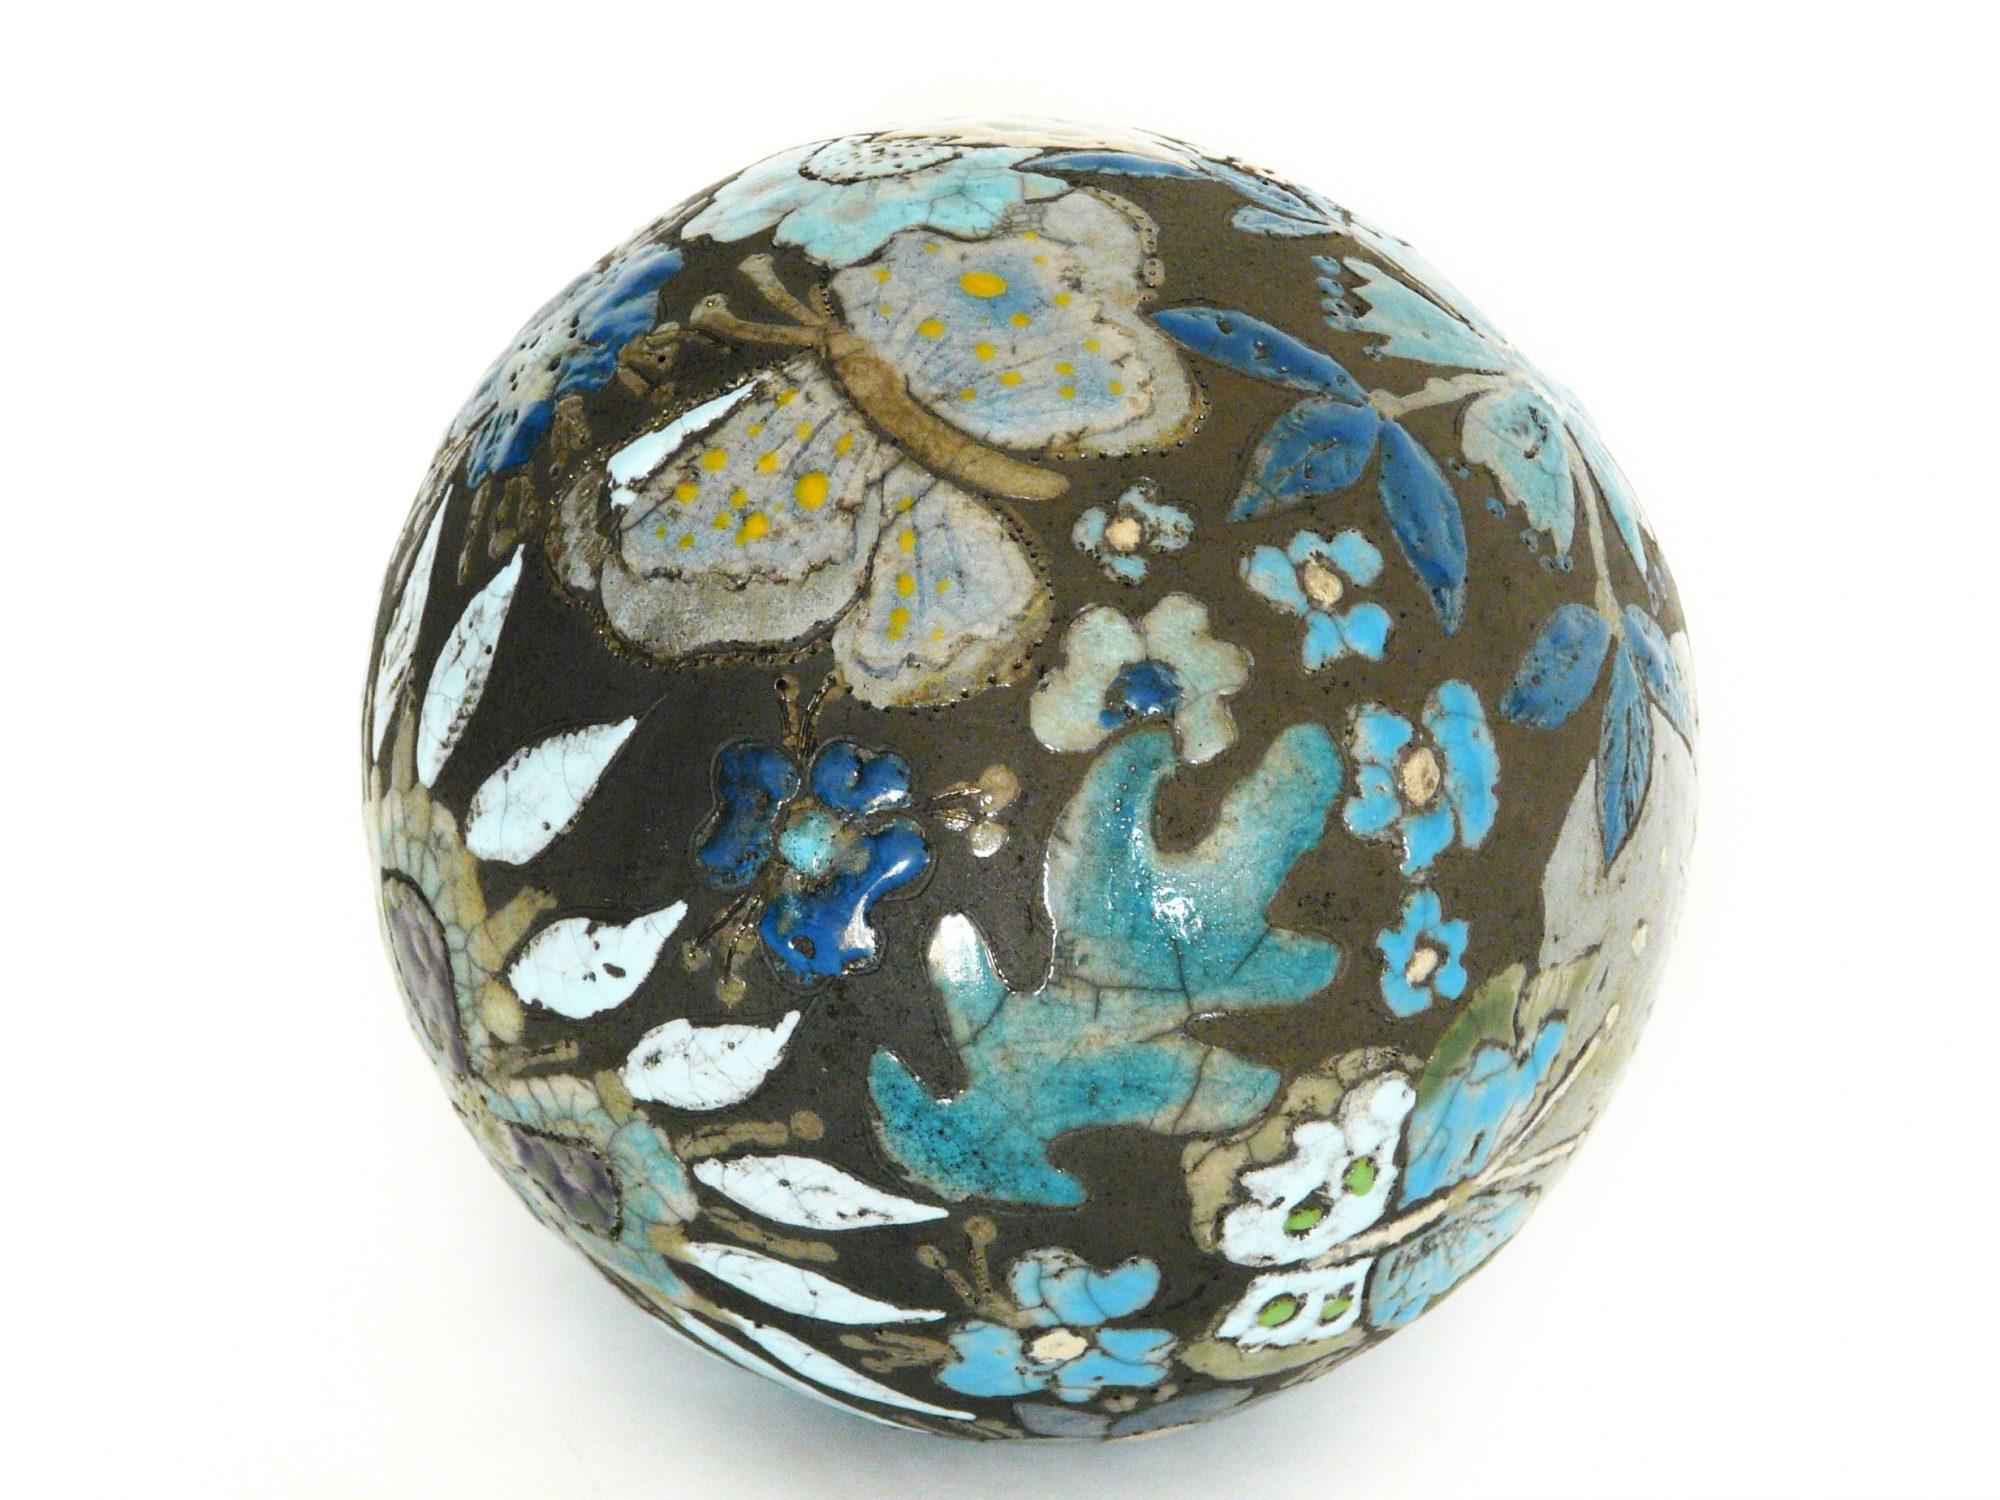 Moon de printemps - ø : 14 cm - Grès - Raku – Gravure - Sculptures céramique de Florence Lemiegre